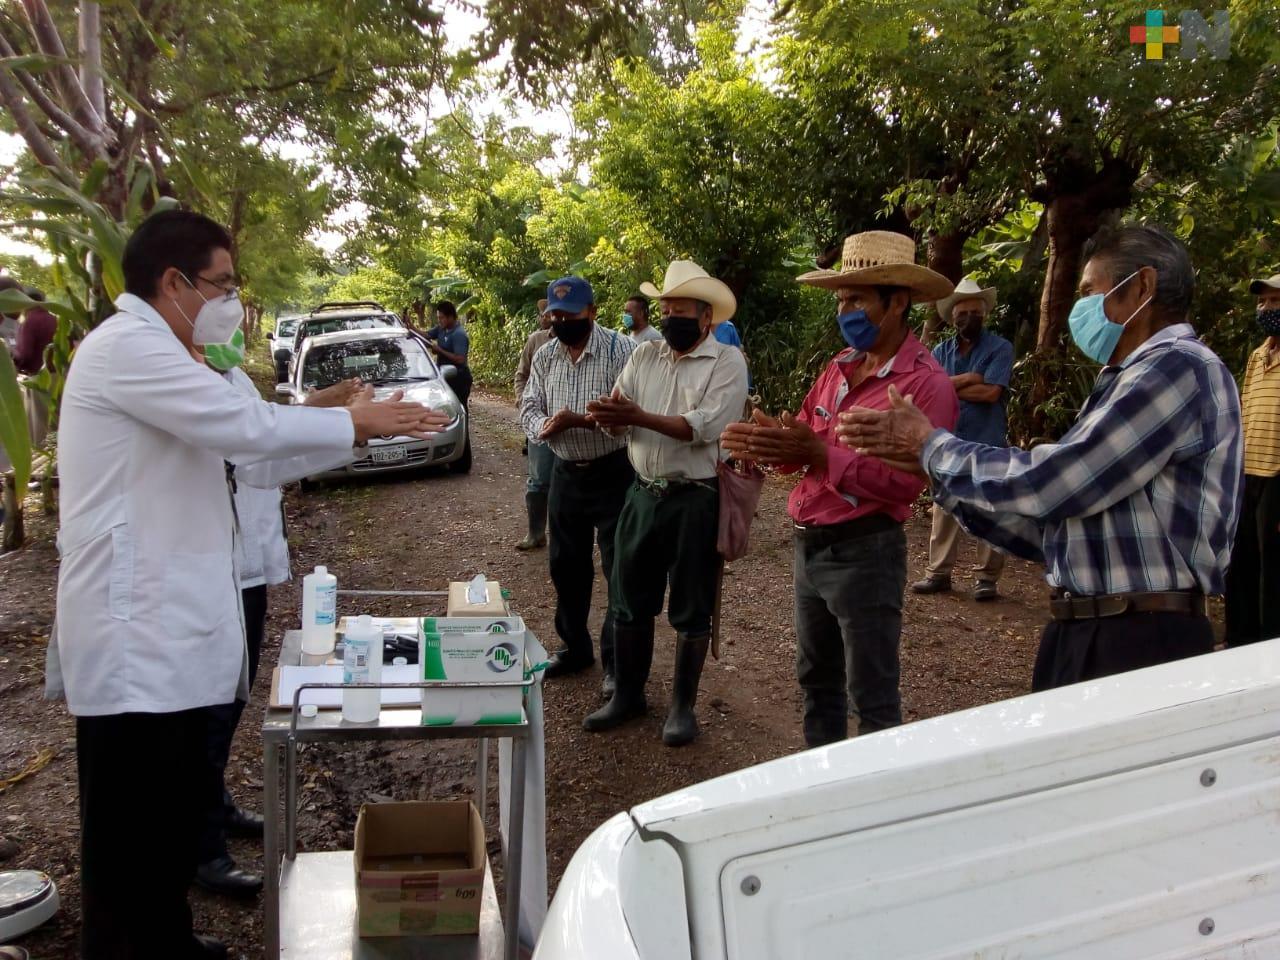 Jurisdicciones sanitarias suman esfuerzos para mitigar contagios de COVID-19